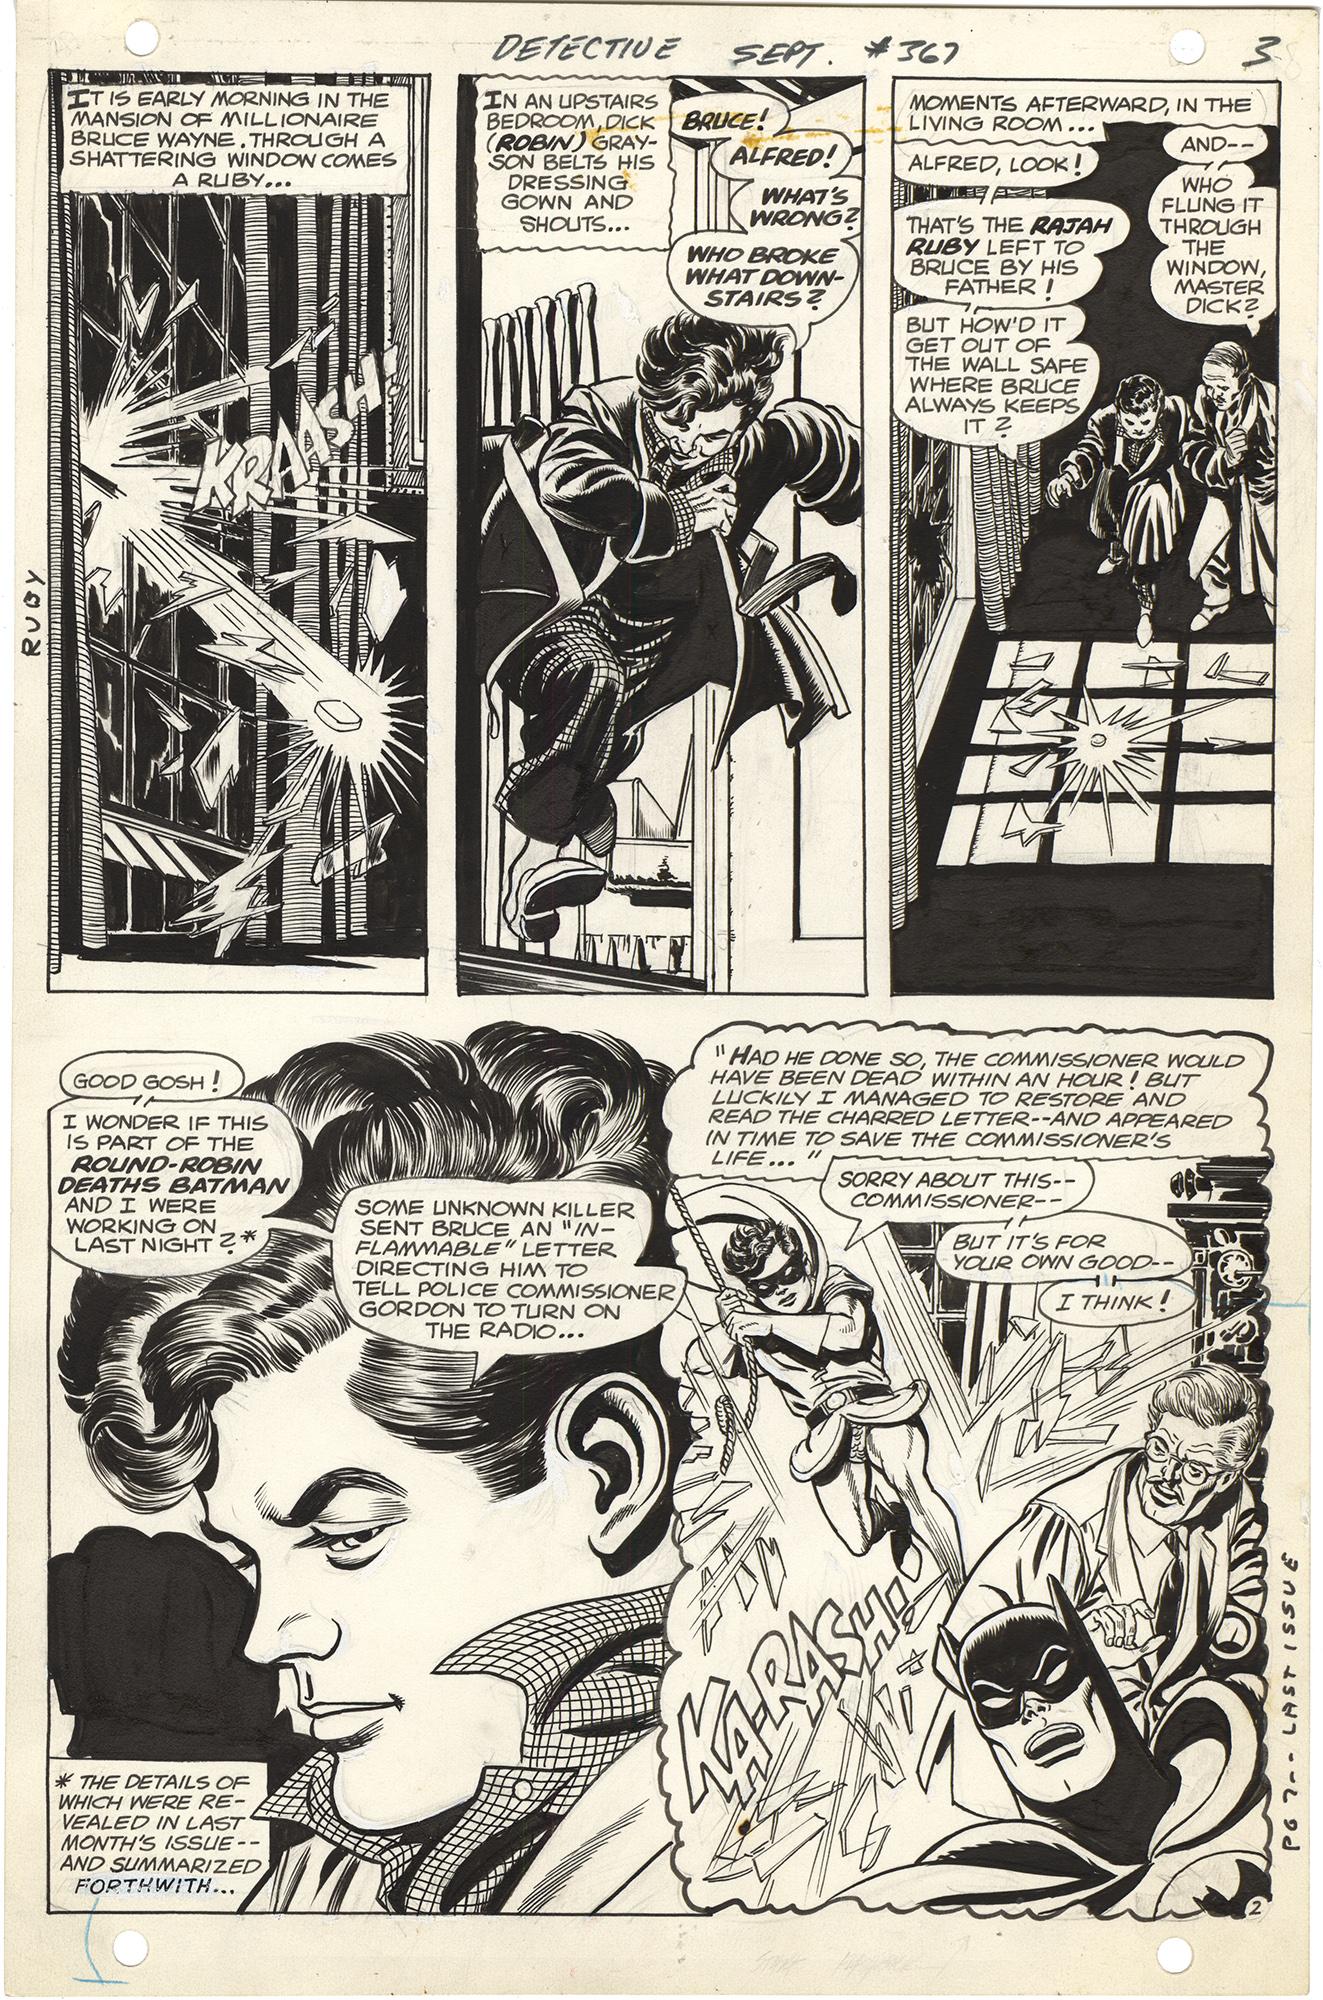 Detective Comics #367 p2